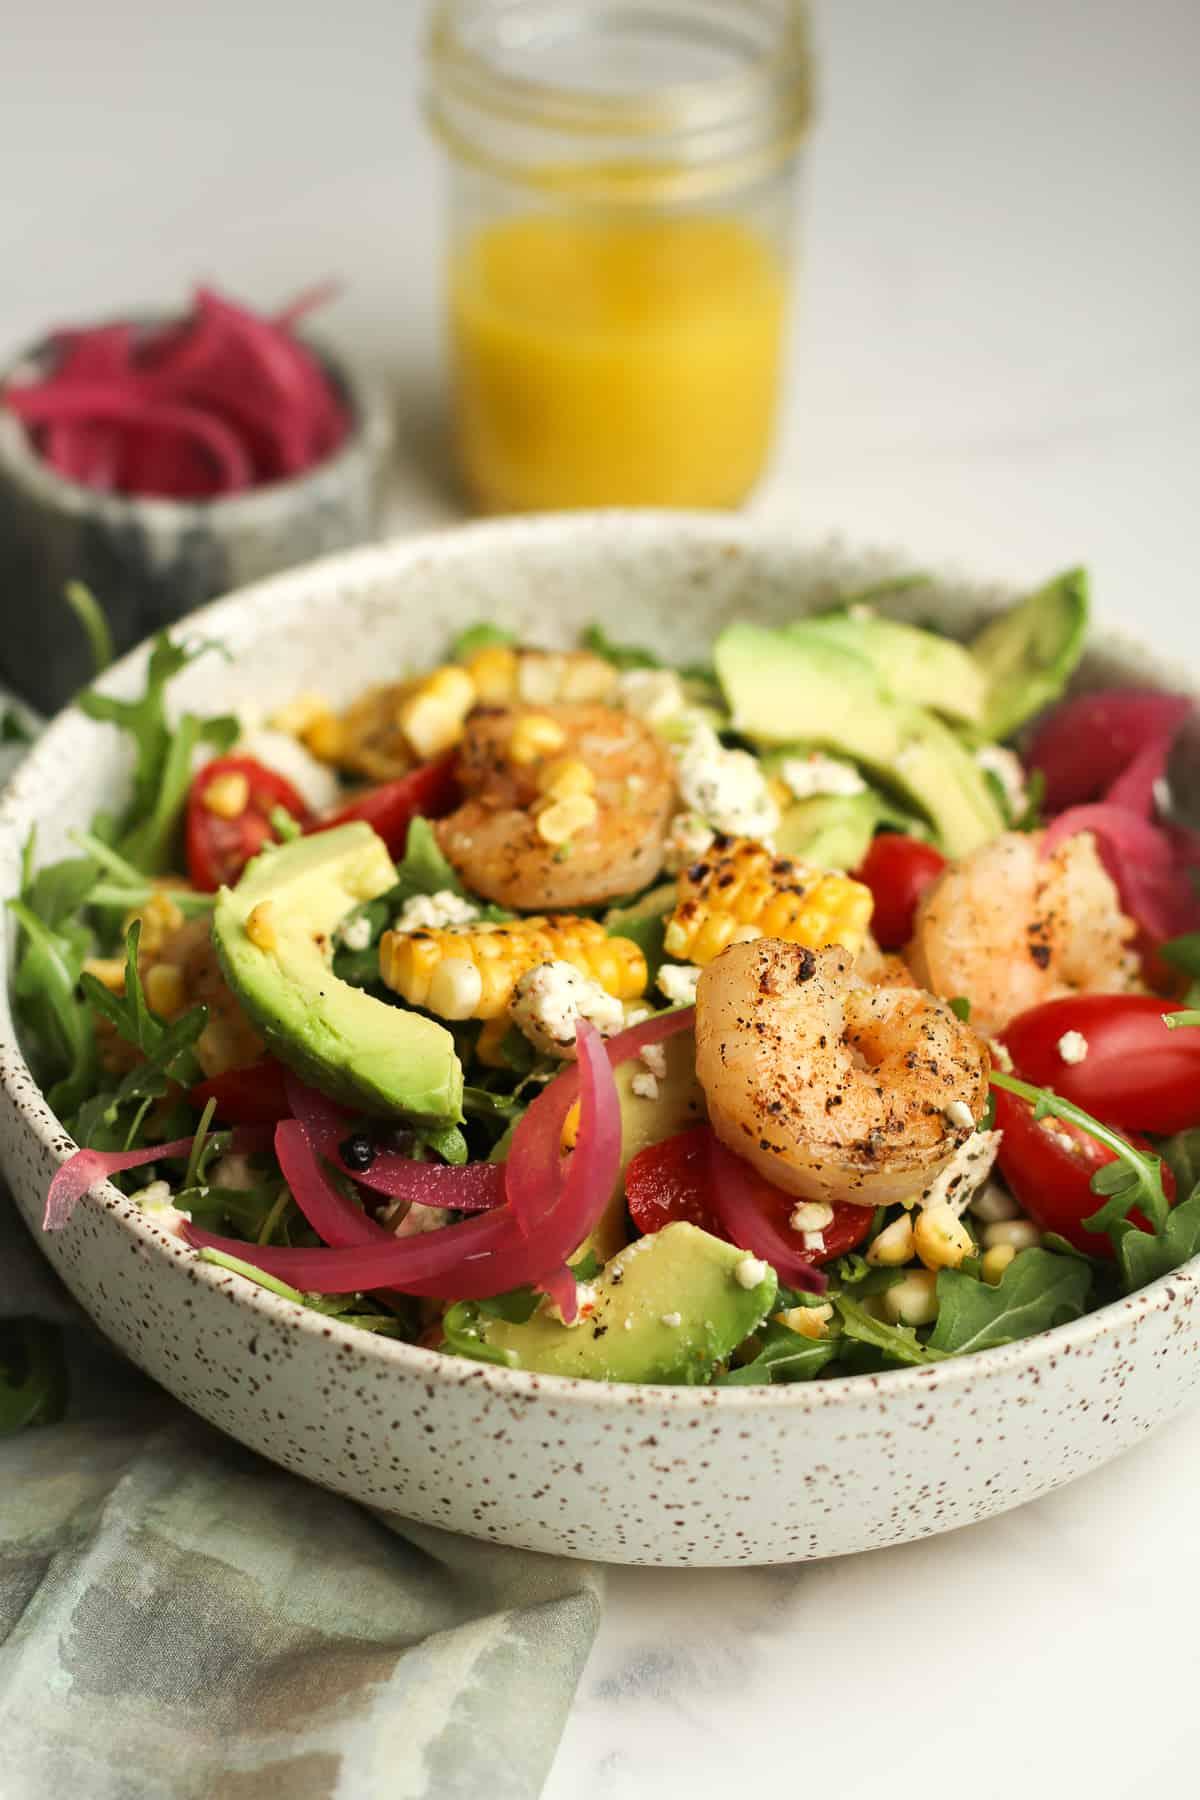 A side shot of a shrimp avocado salad with a jar of lemon dressing.